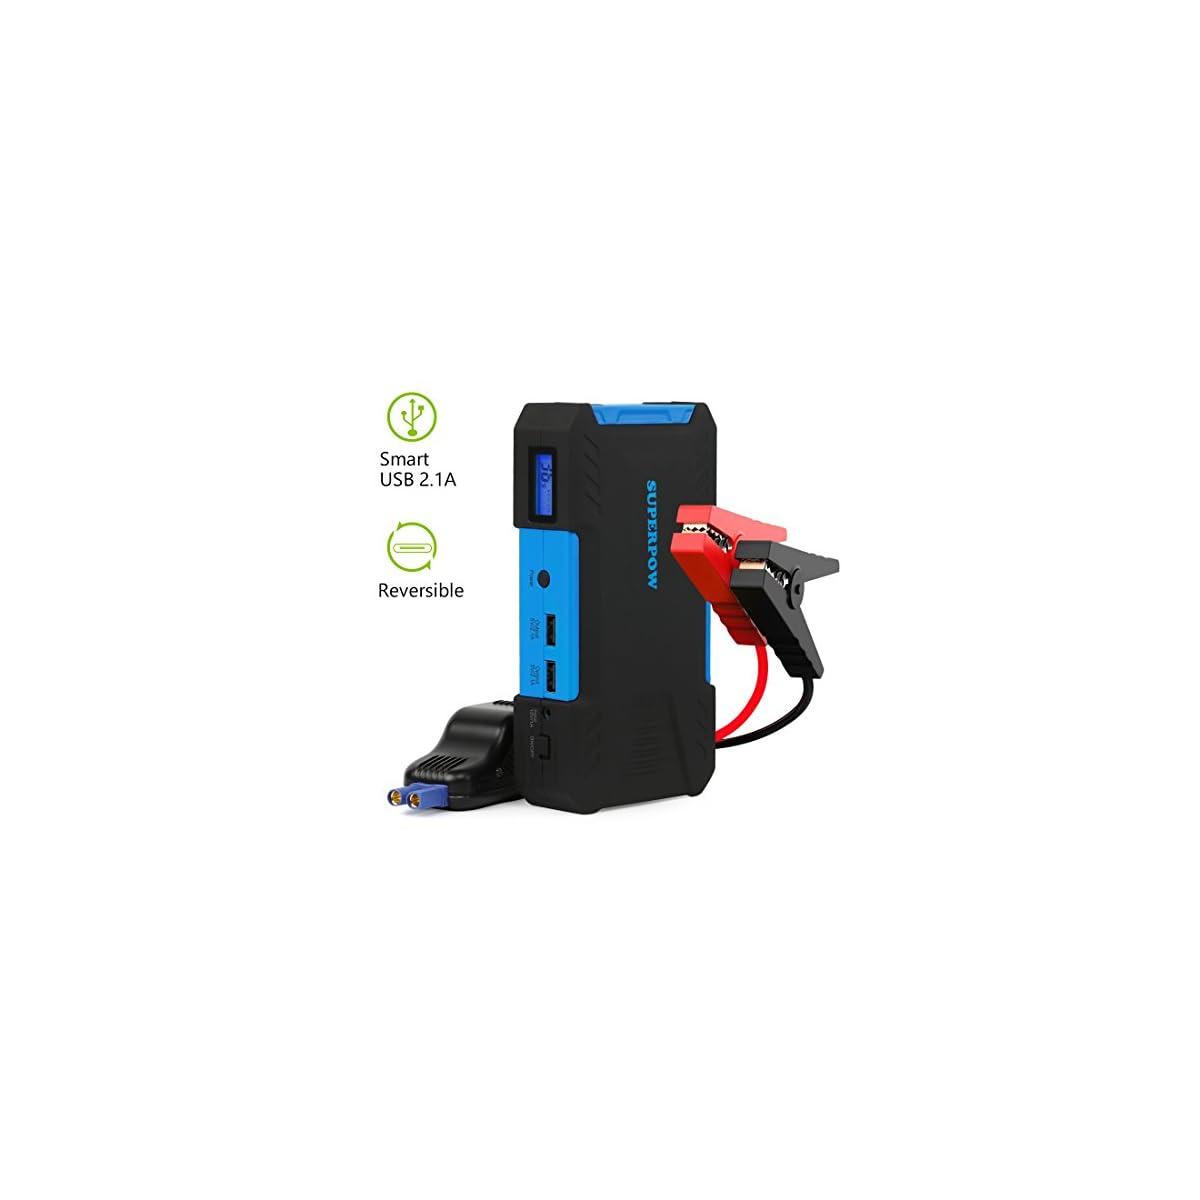 41IkIqPFDiL. SS1200  - superpow D12 - Arrancador de Coche 800A,Jump Starter 18000mAh para Coches (Pantalla LCD, Doble USB Salidas, LED, Cable de Pinzas Inteligentes)